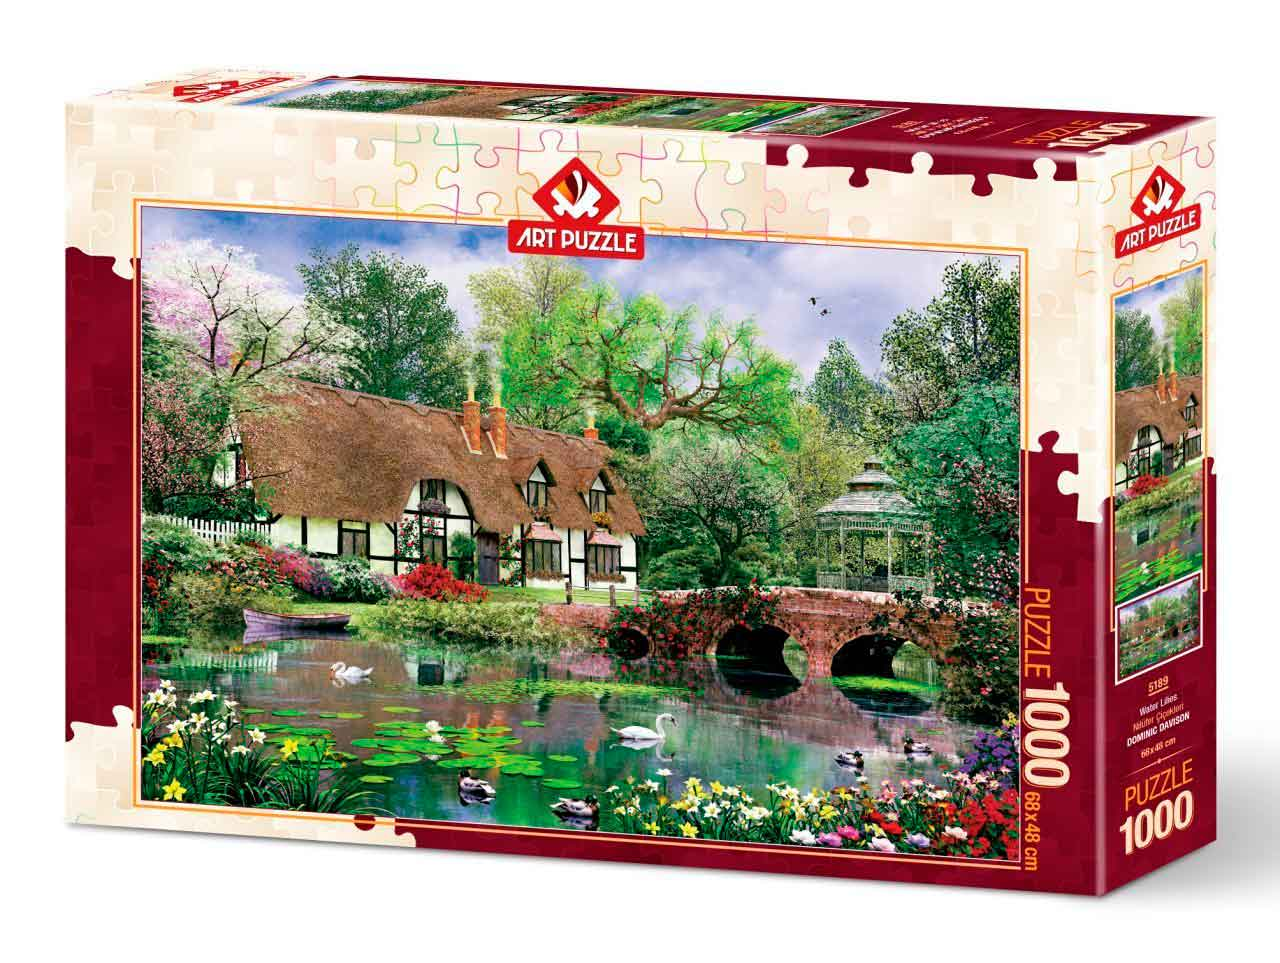 Puzzle Art Puzzle Nenúfares de 1000 Piezas